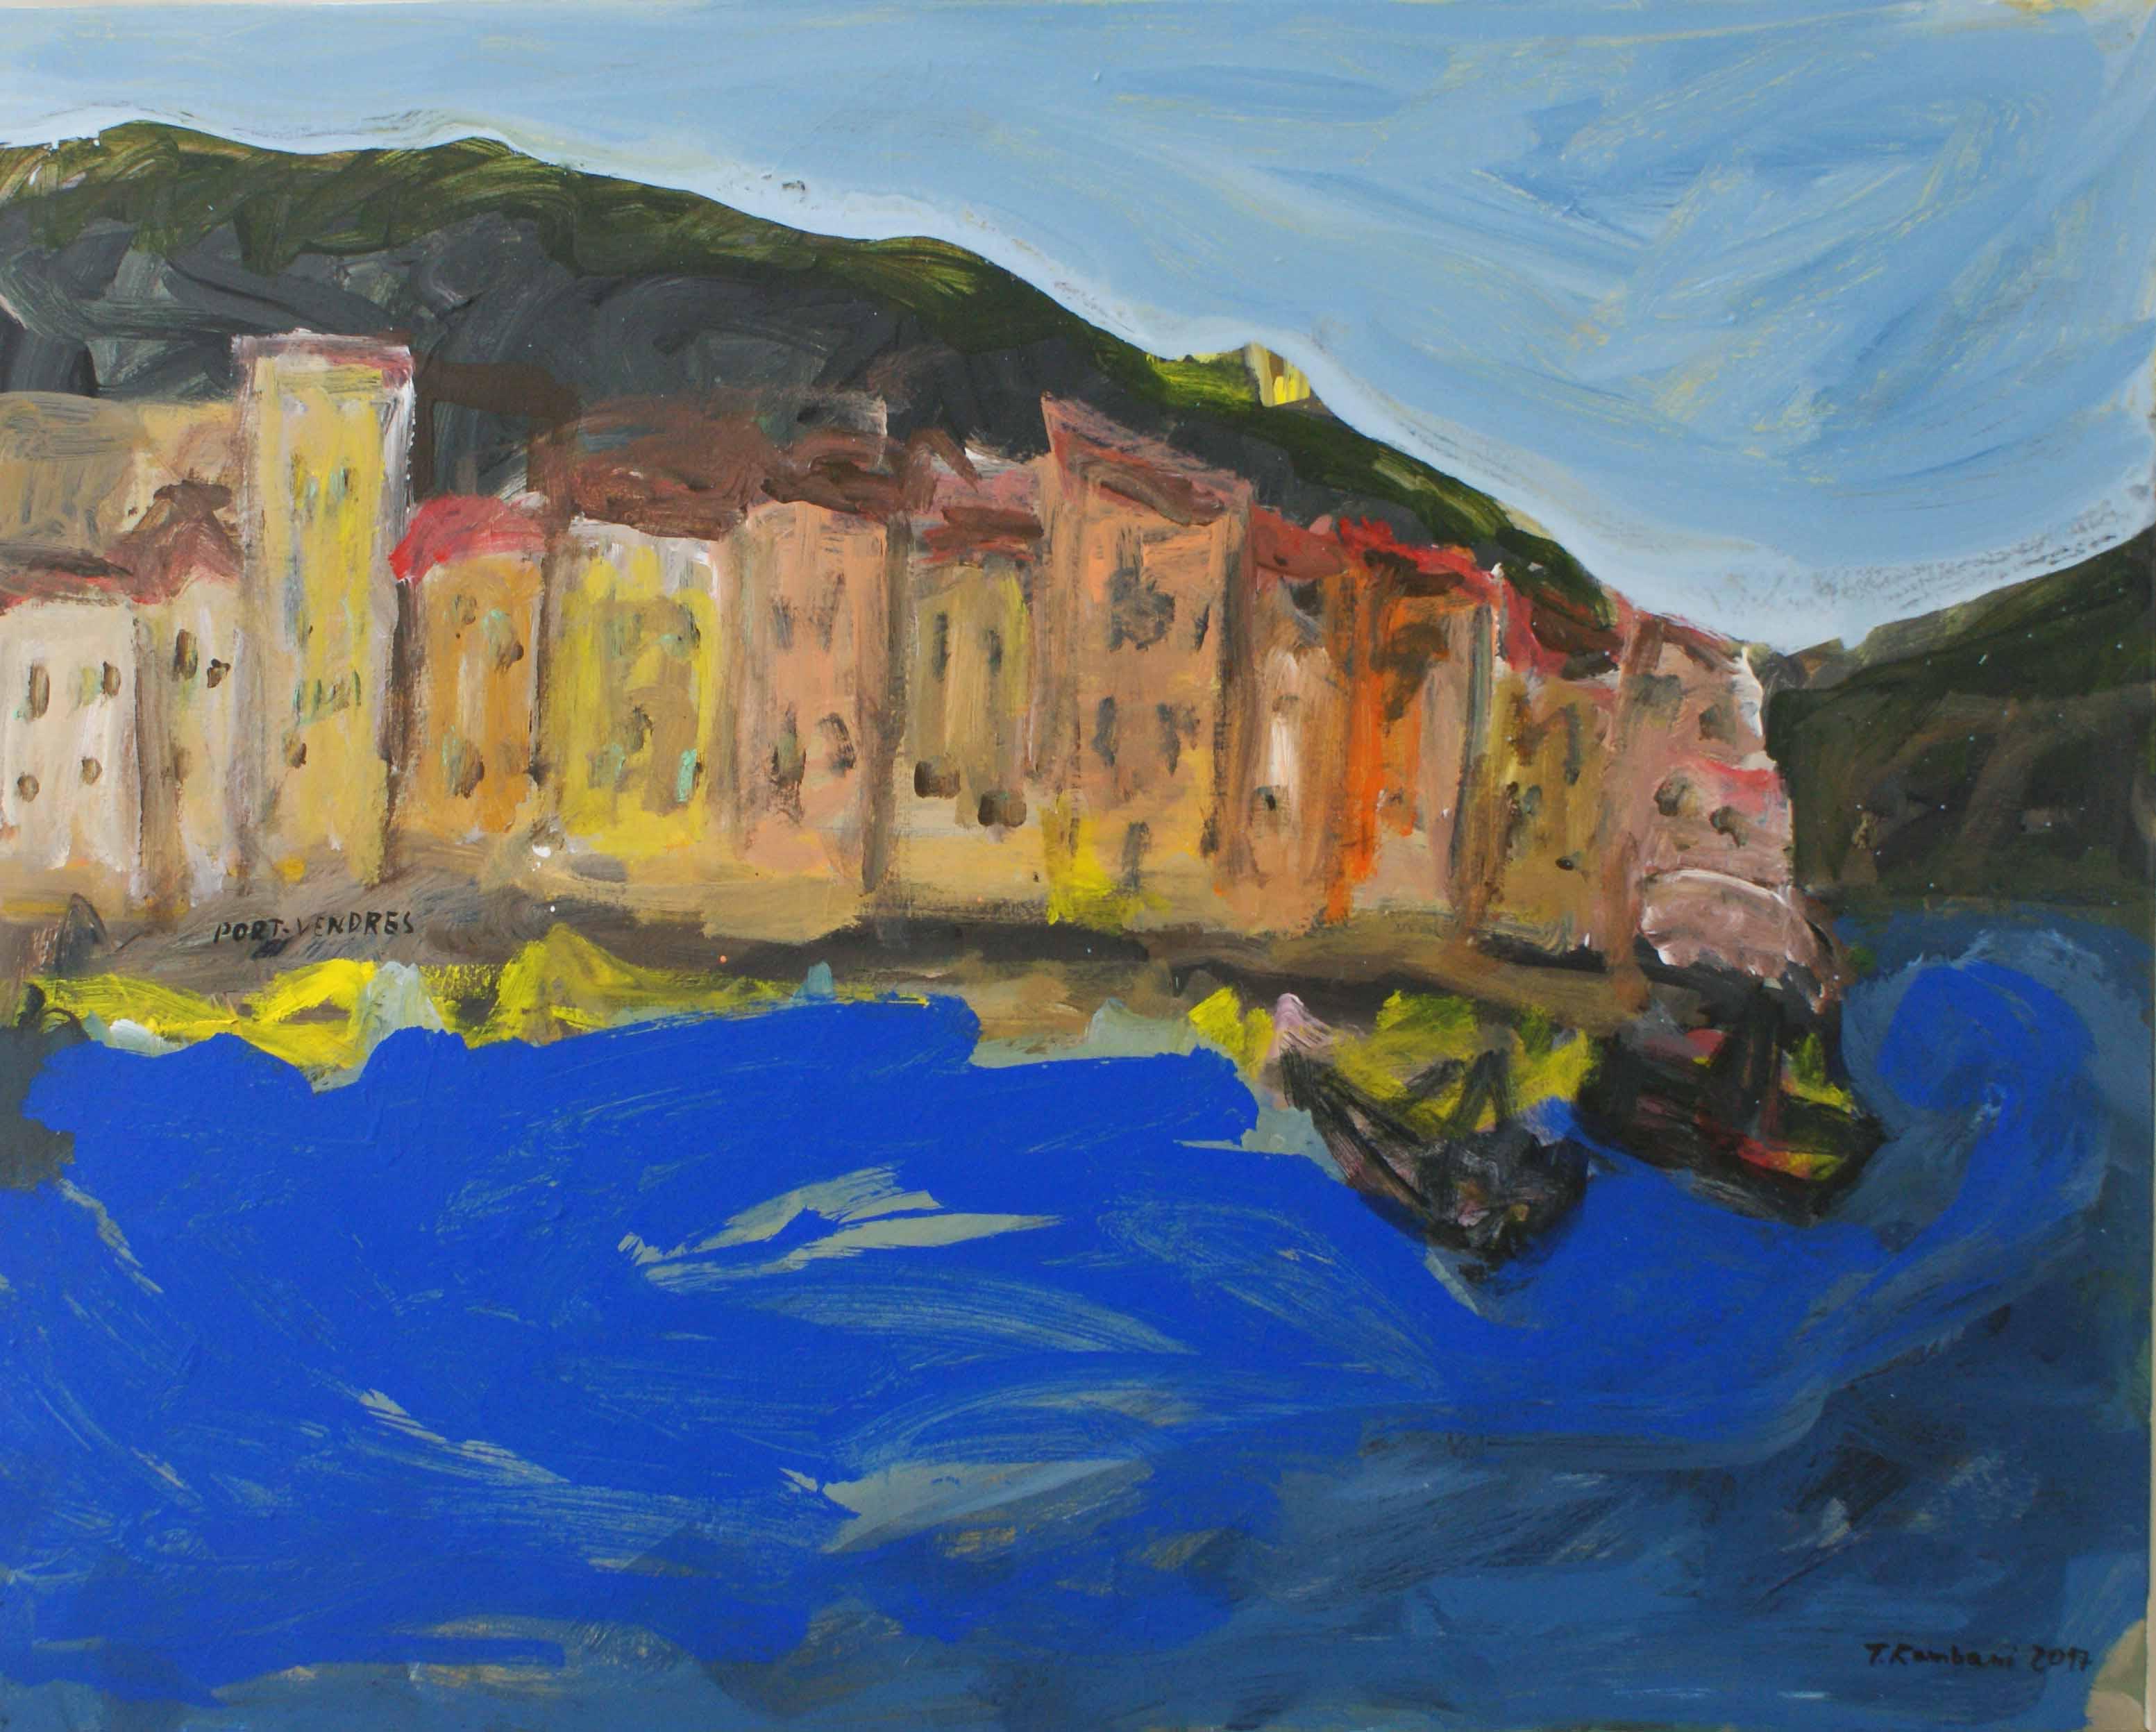 Port Vendres en action, 100x80cm, Acrylique, 2017 sm